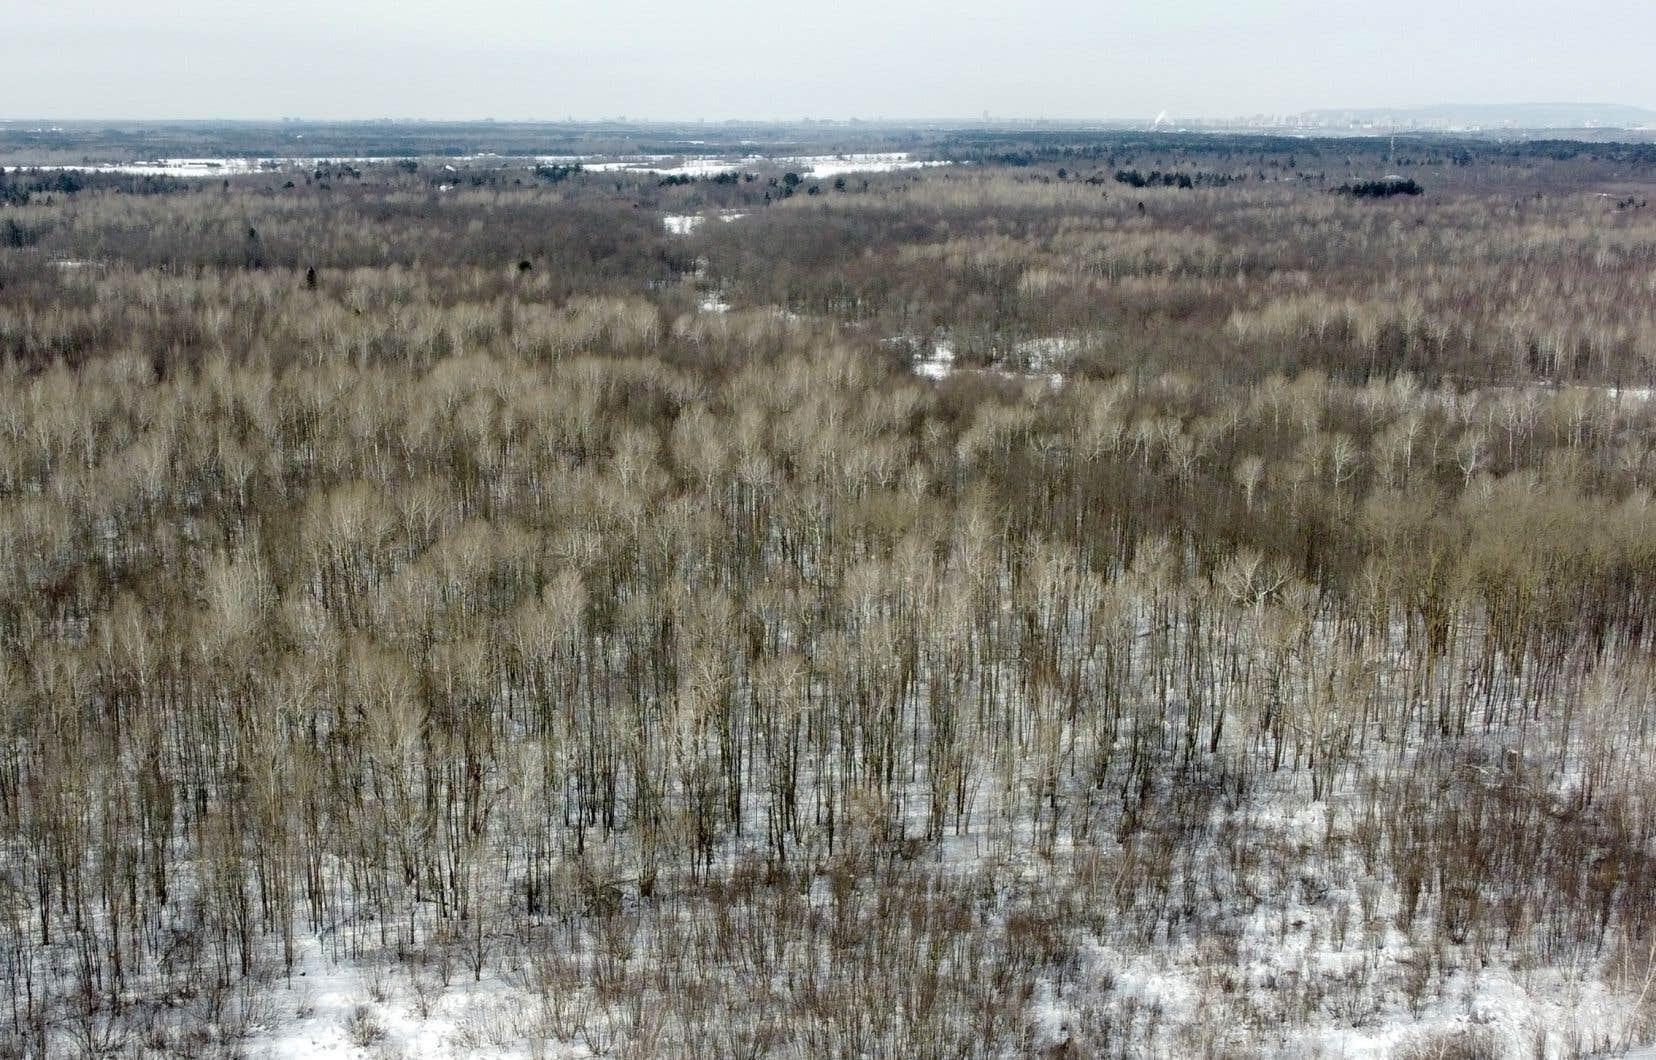 La proposition présentée par les Algonquins de l'Ontario et un grand promoteur immobilier vise à transformer 445 hectares de terrain à environ 20 kilomètres du centre d'Ottawa en une nouvelle communauté.